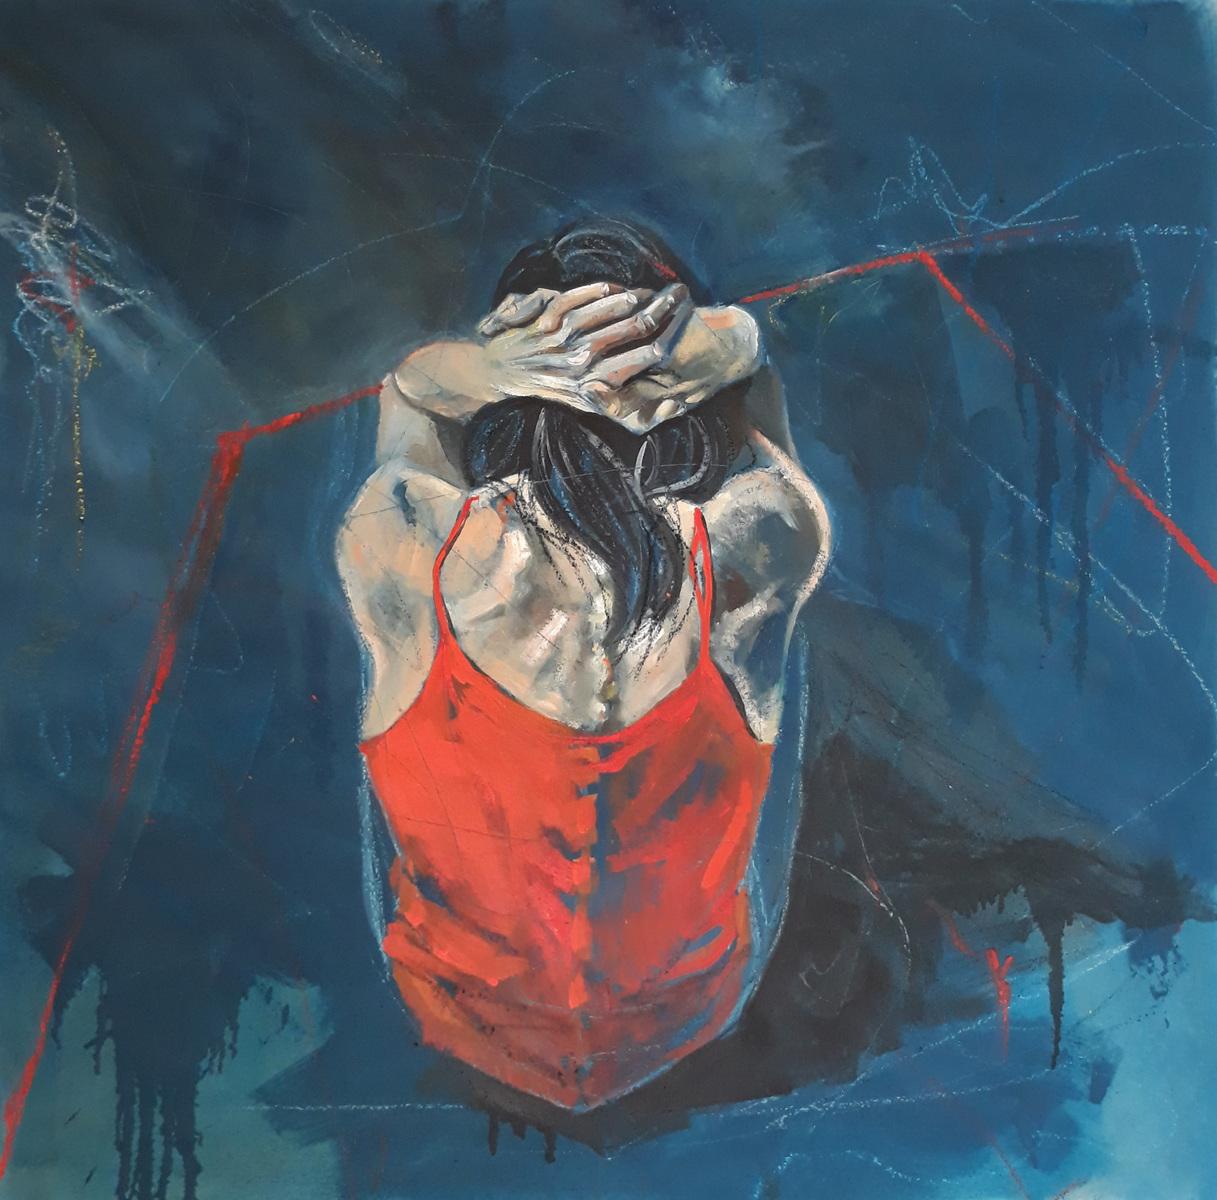 Martina Dalla Stella - Raccoglimento, olio e pastelli su tela, 120x120 cm, 2021